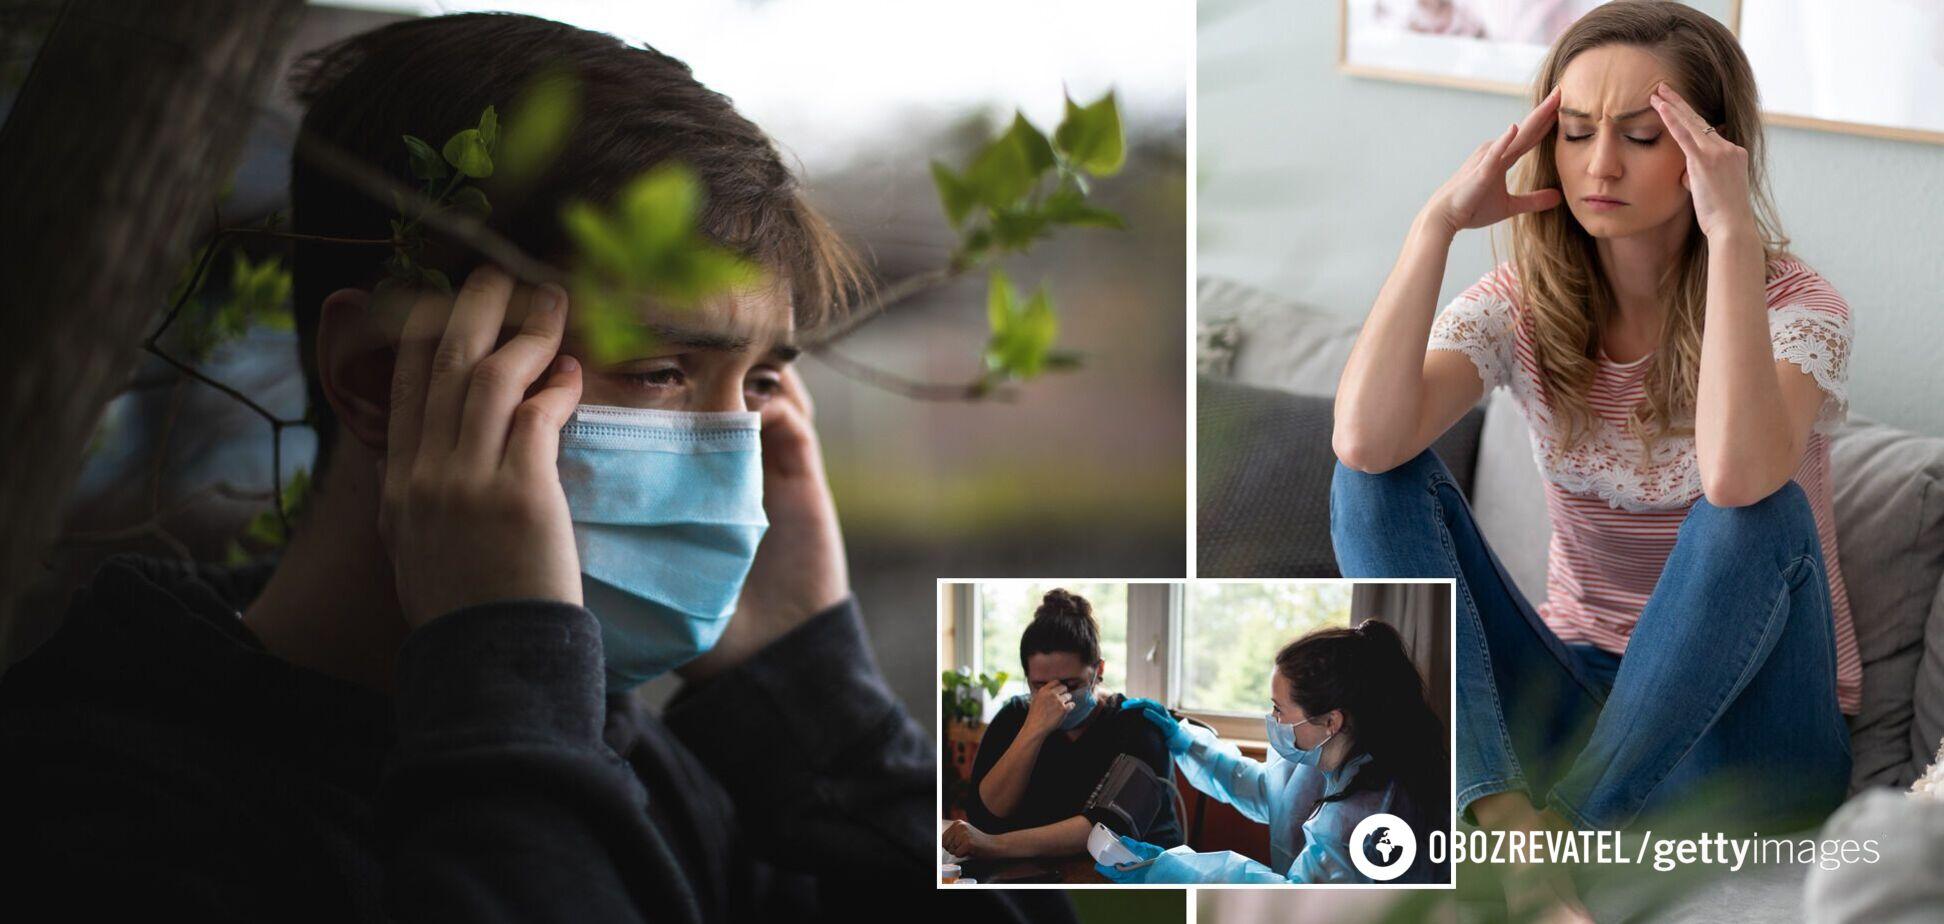 Вчені з'ясували, скільки пацієнтів страждають від посткоронавірусного синдрому